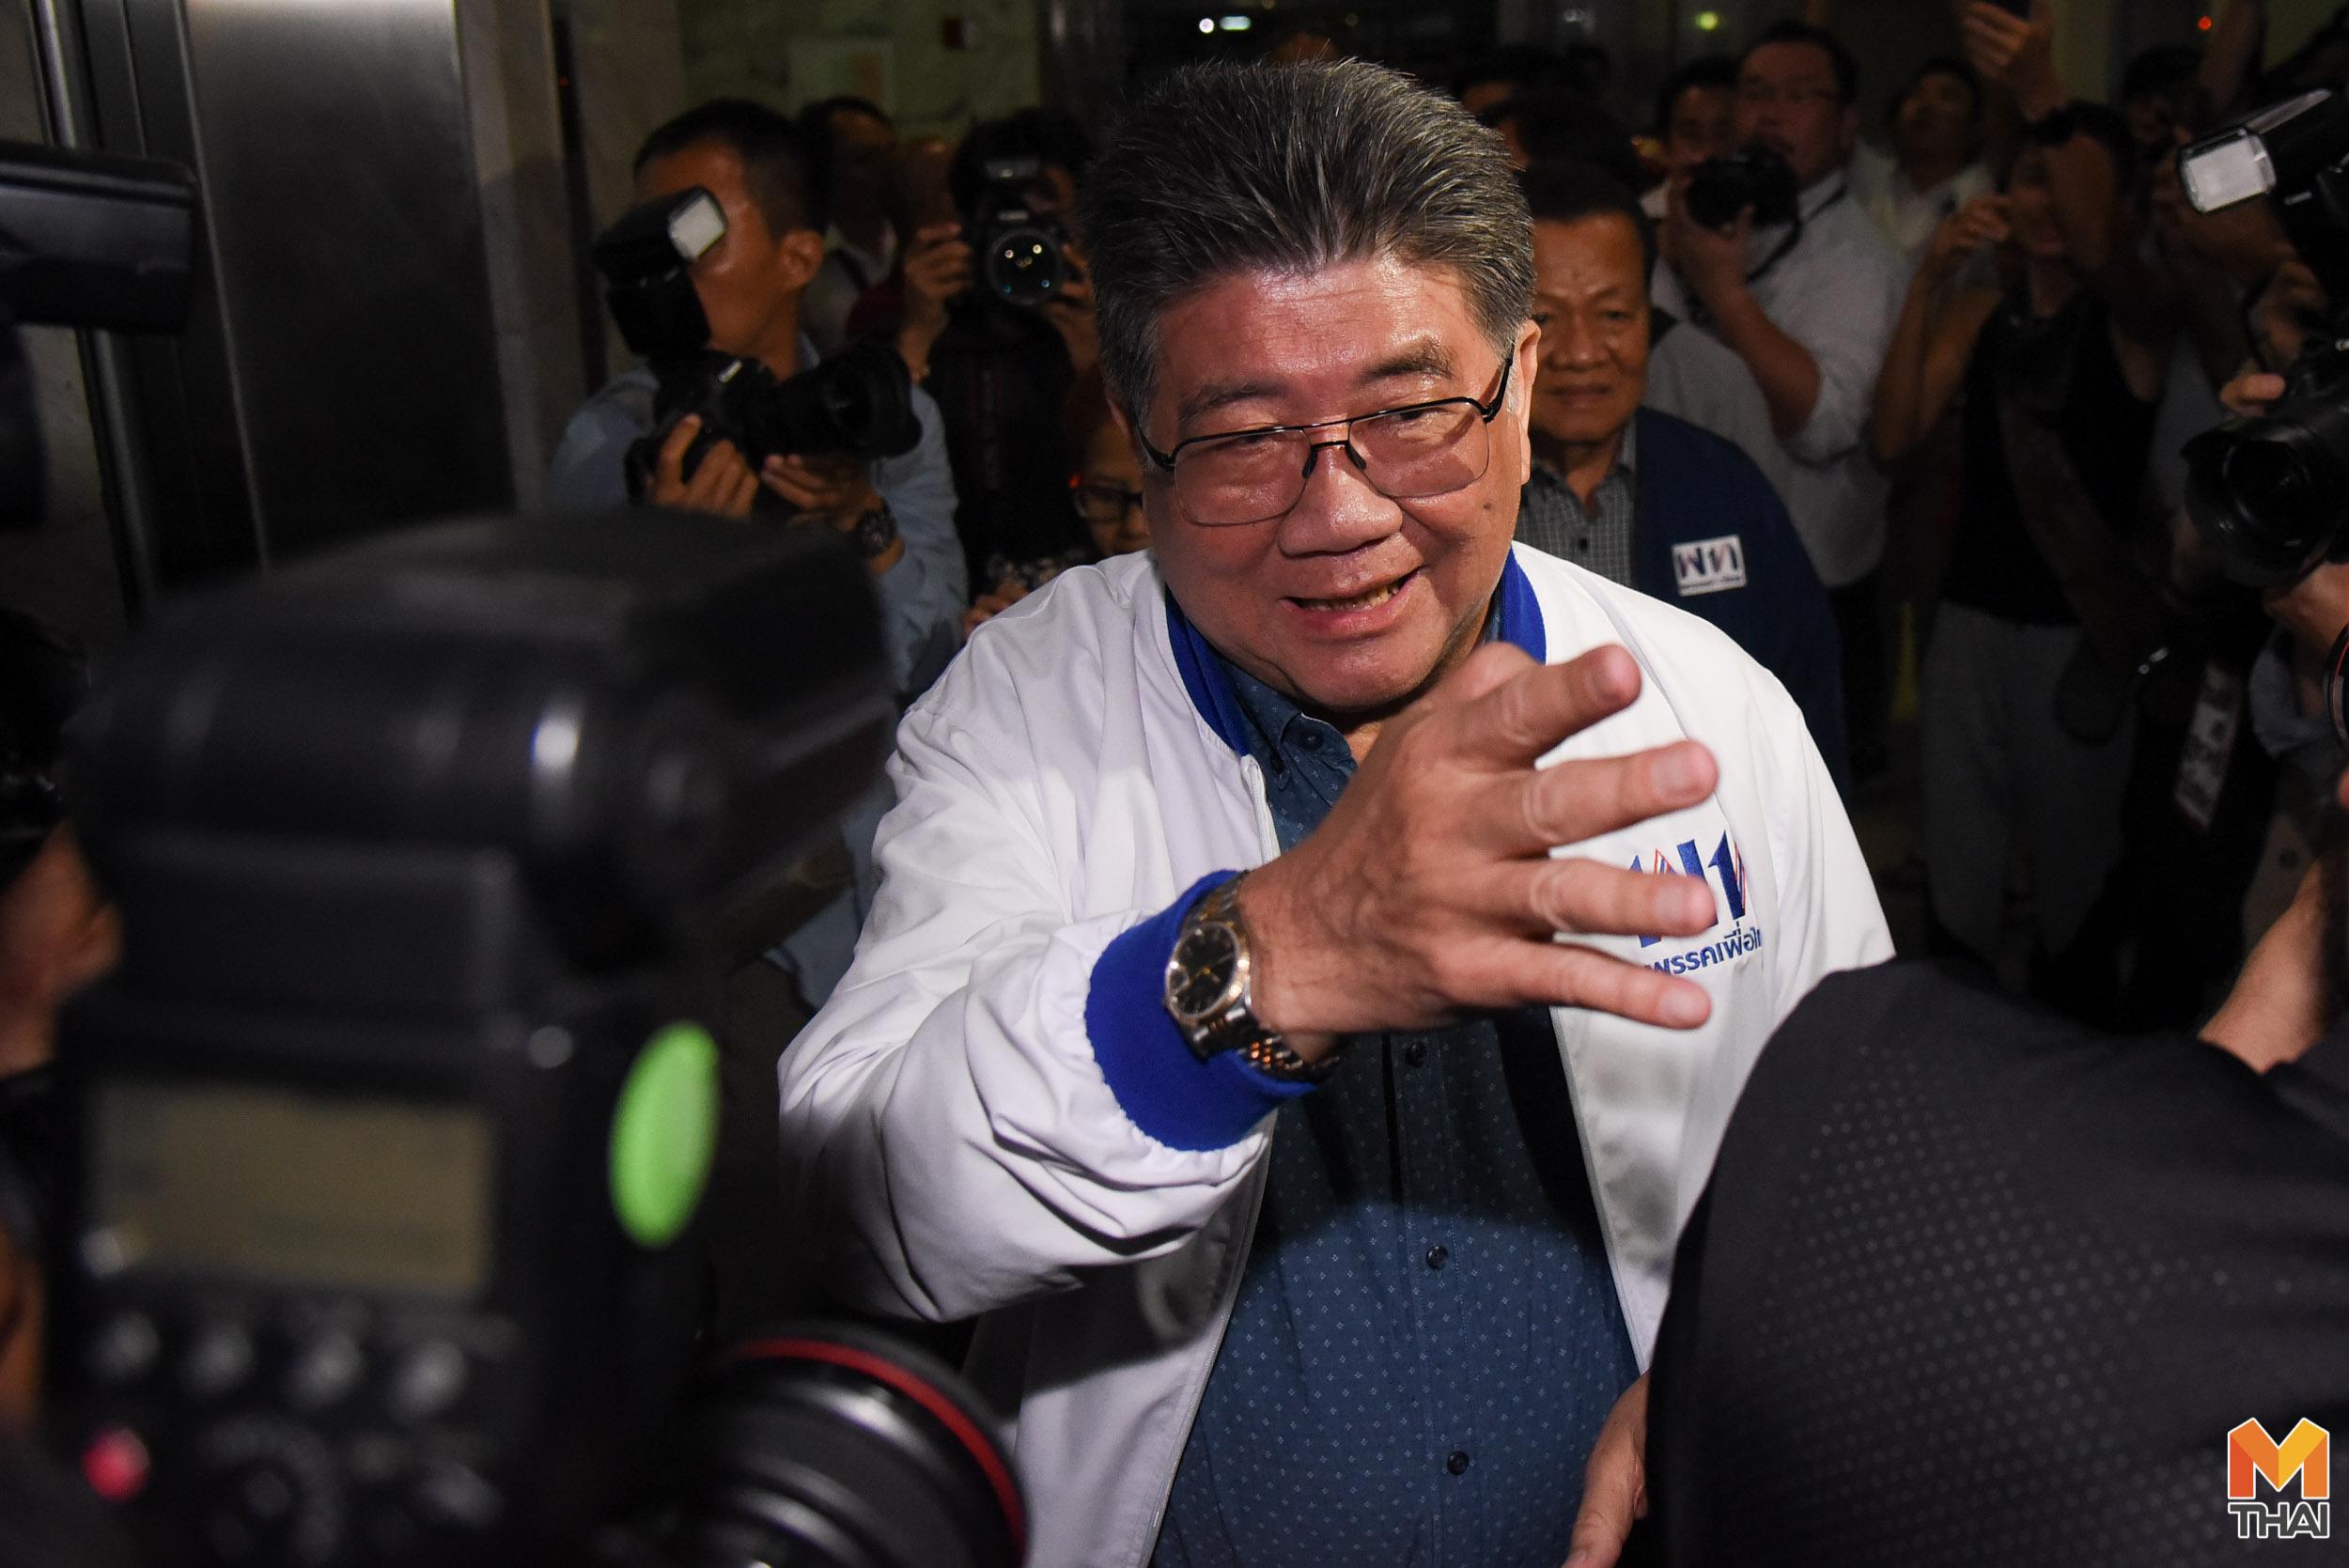 ข่าวสดวันนี้ ข่าวเลือกตั้ง พรรคเพื่อไทย เลือกตั้ง62